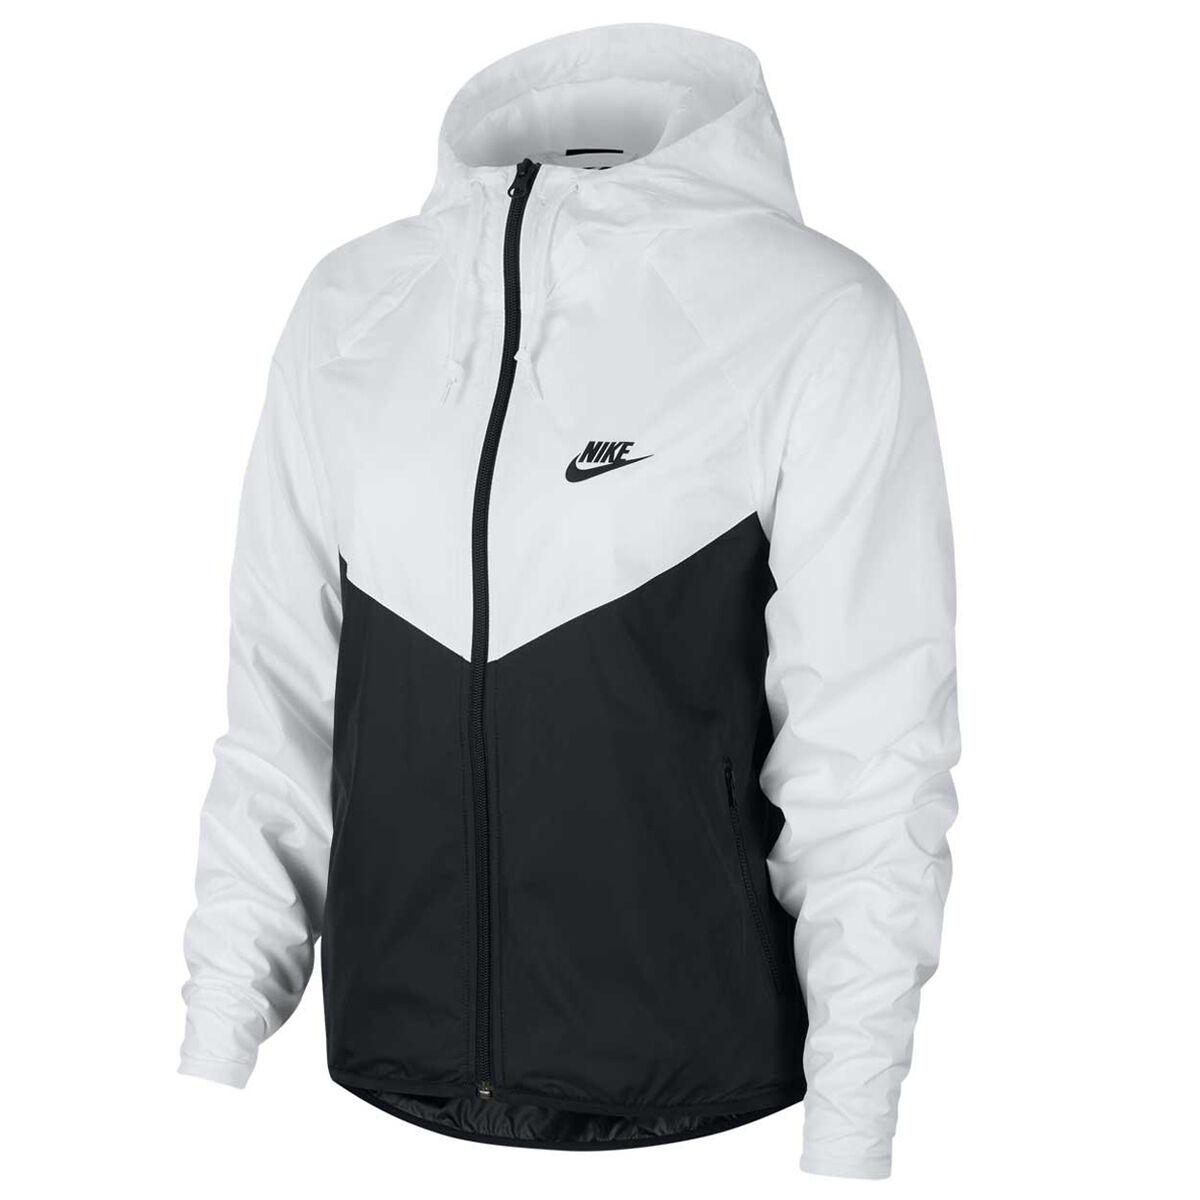 Nike Womens Sportswear Windrunner Jacket